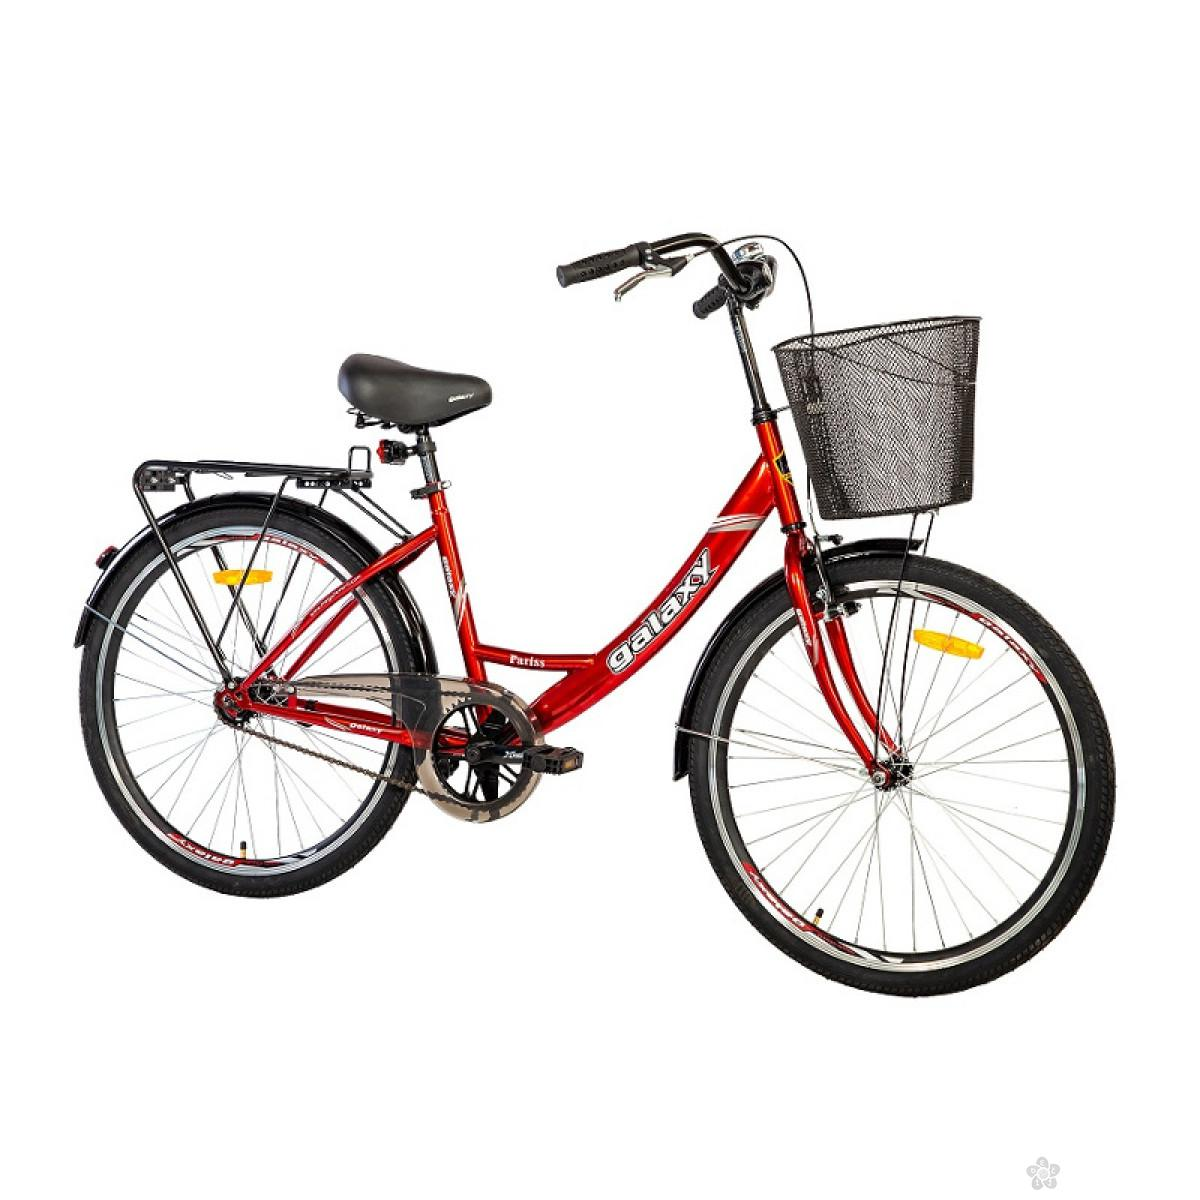 Bicikl Paris 26 bordo, 650011